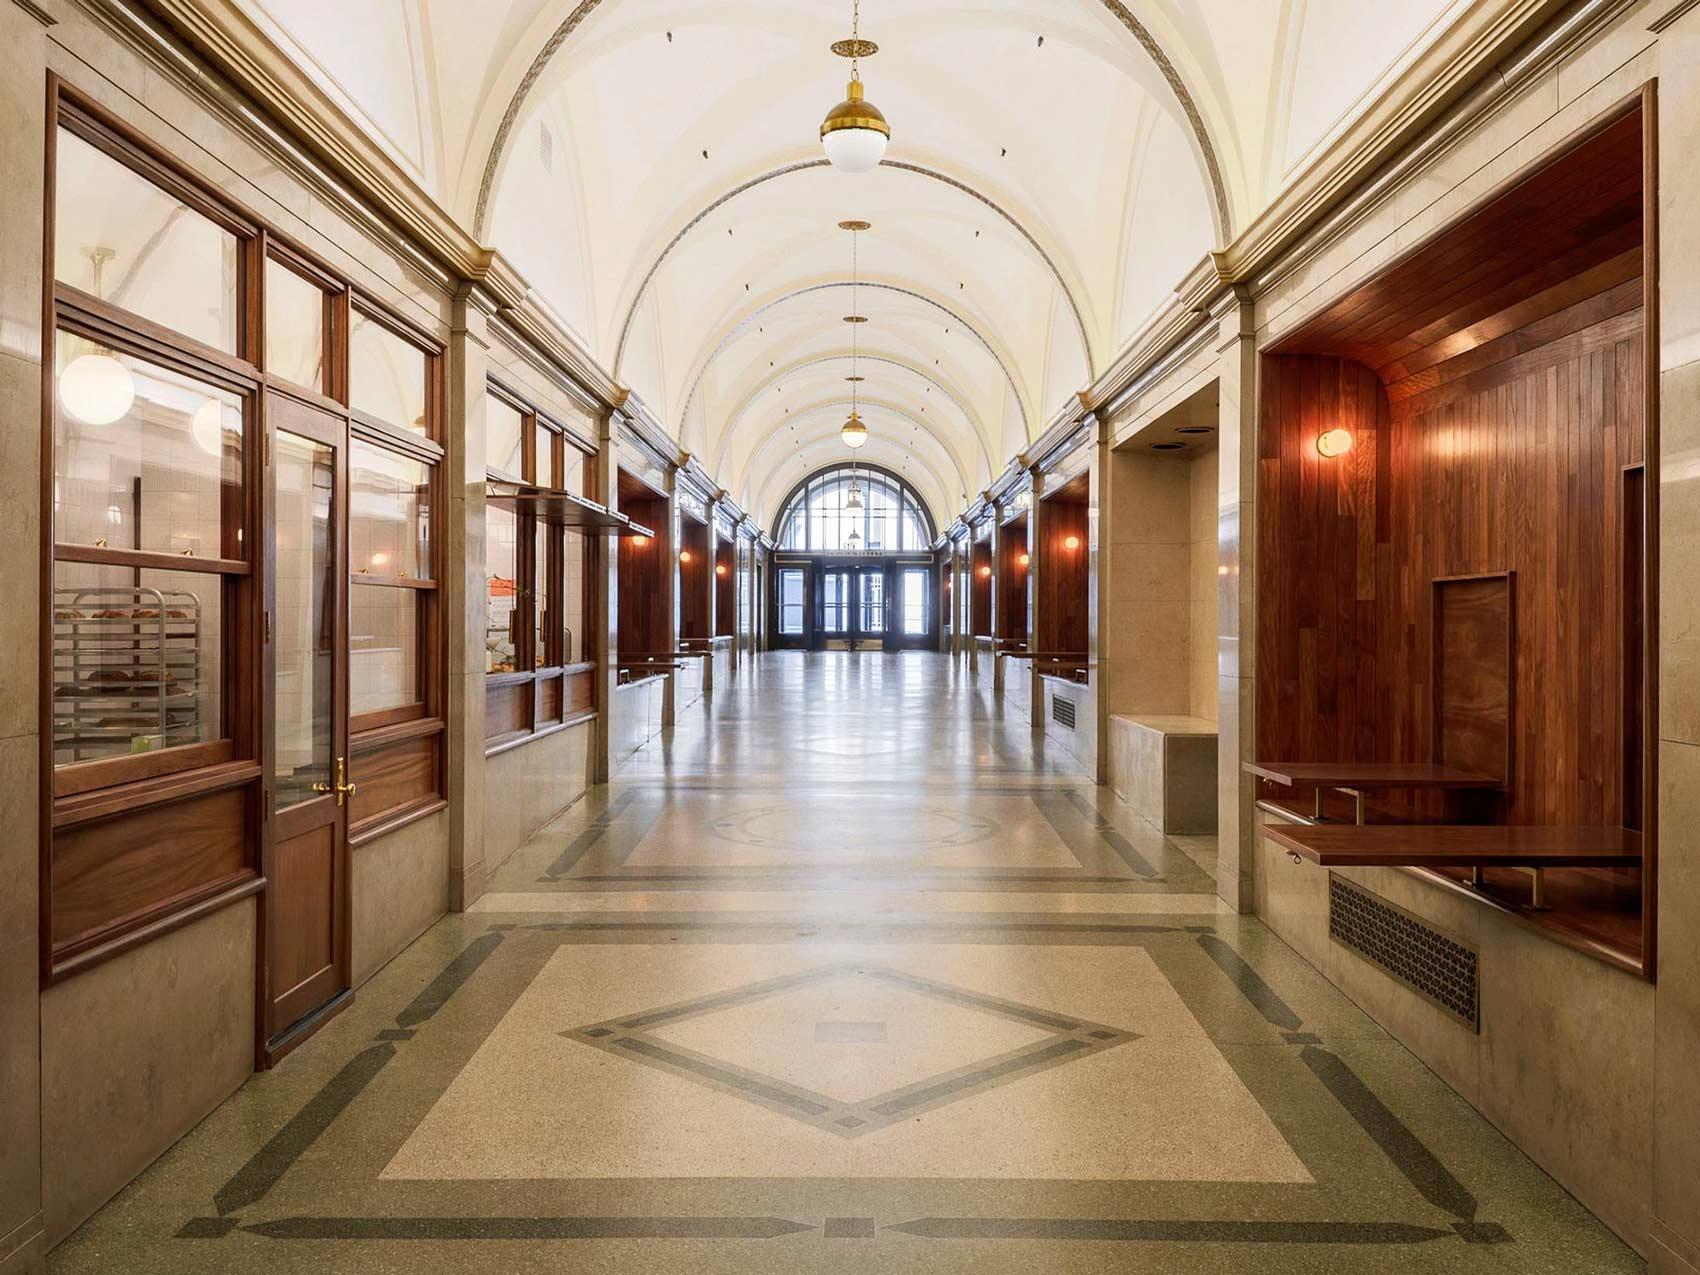 220 Church St lobby